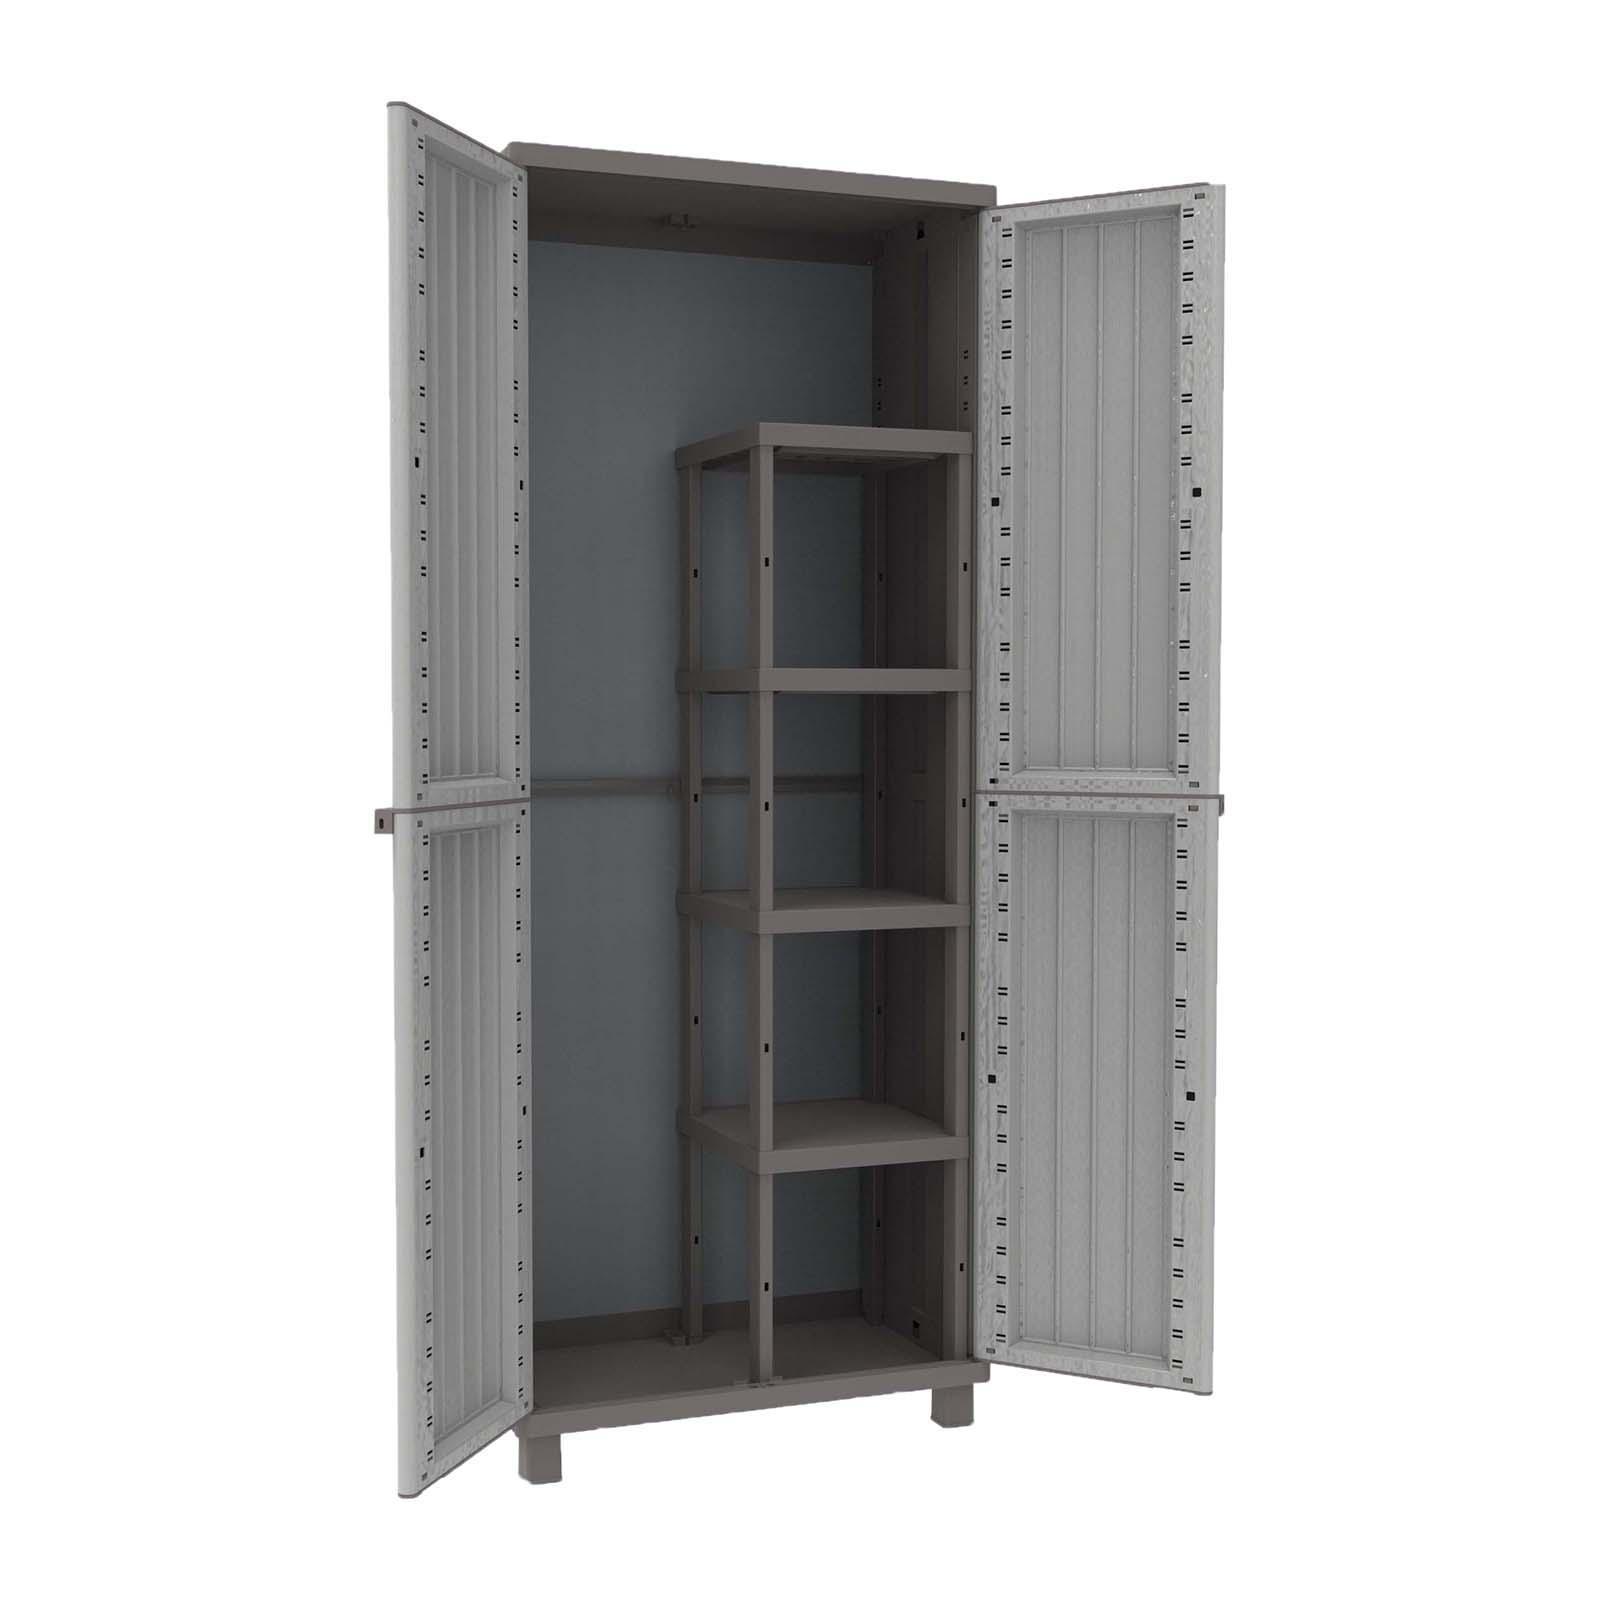 Terry Jwood 368 Outdoor Cabinet 2 Door And Shelving Tr2716